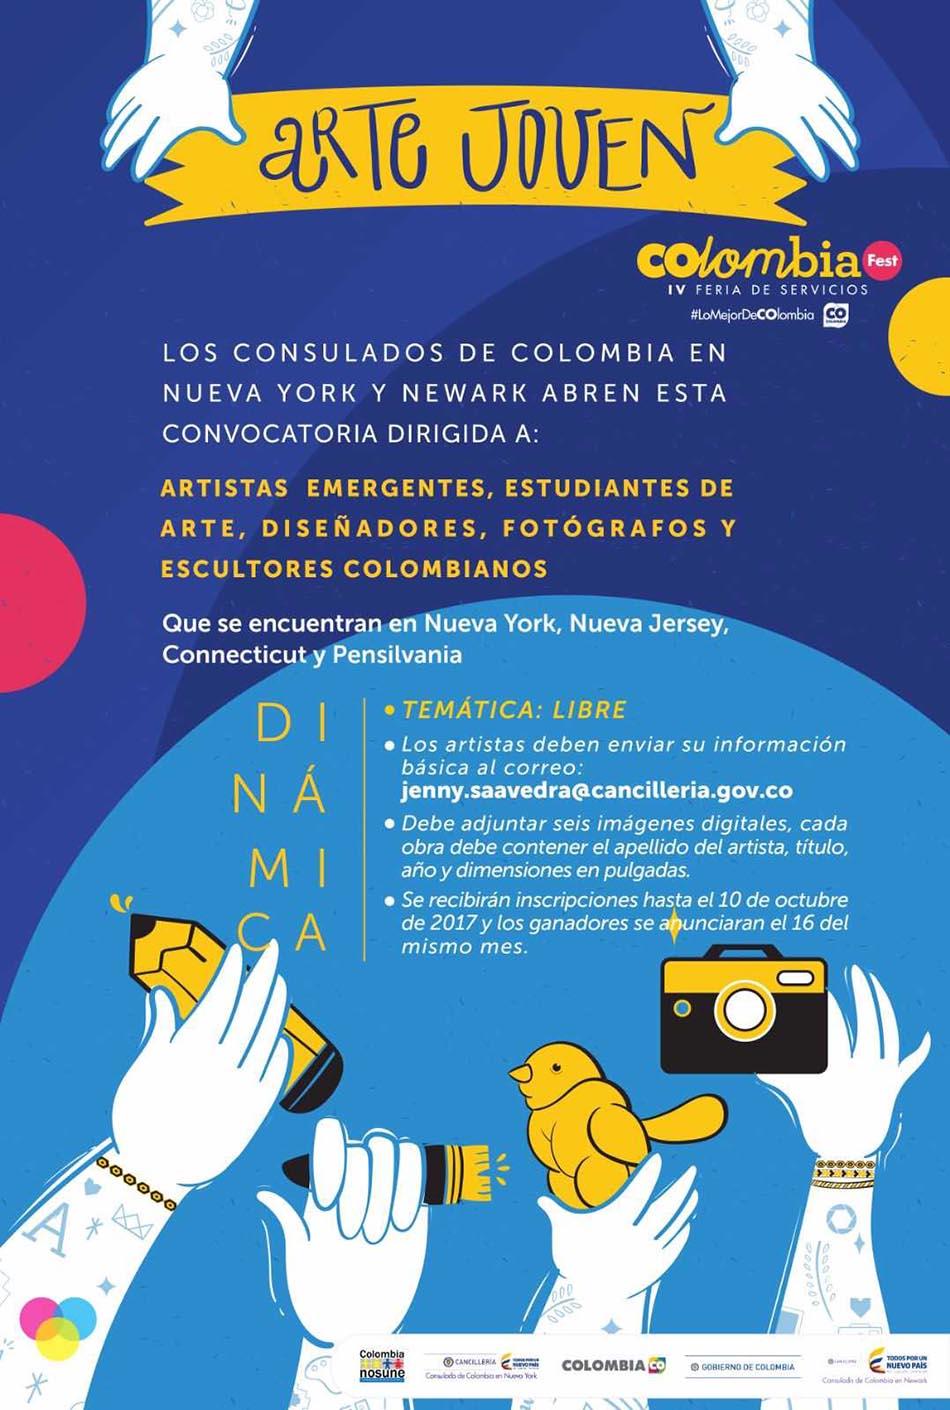 Consulado de Colombia concurso artistas